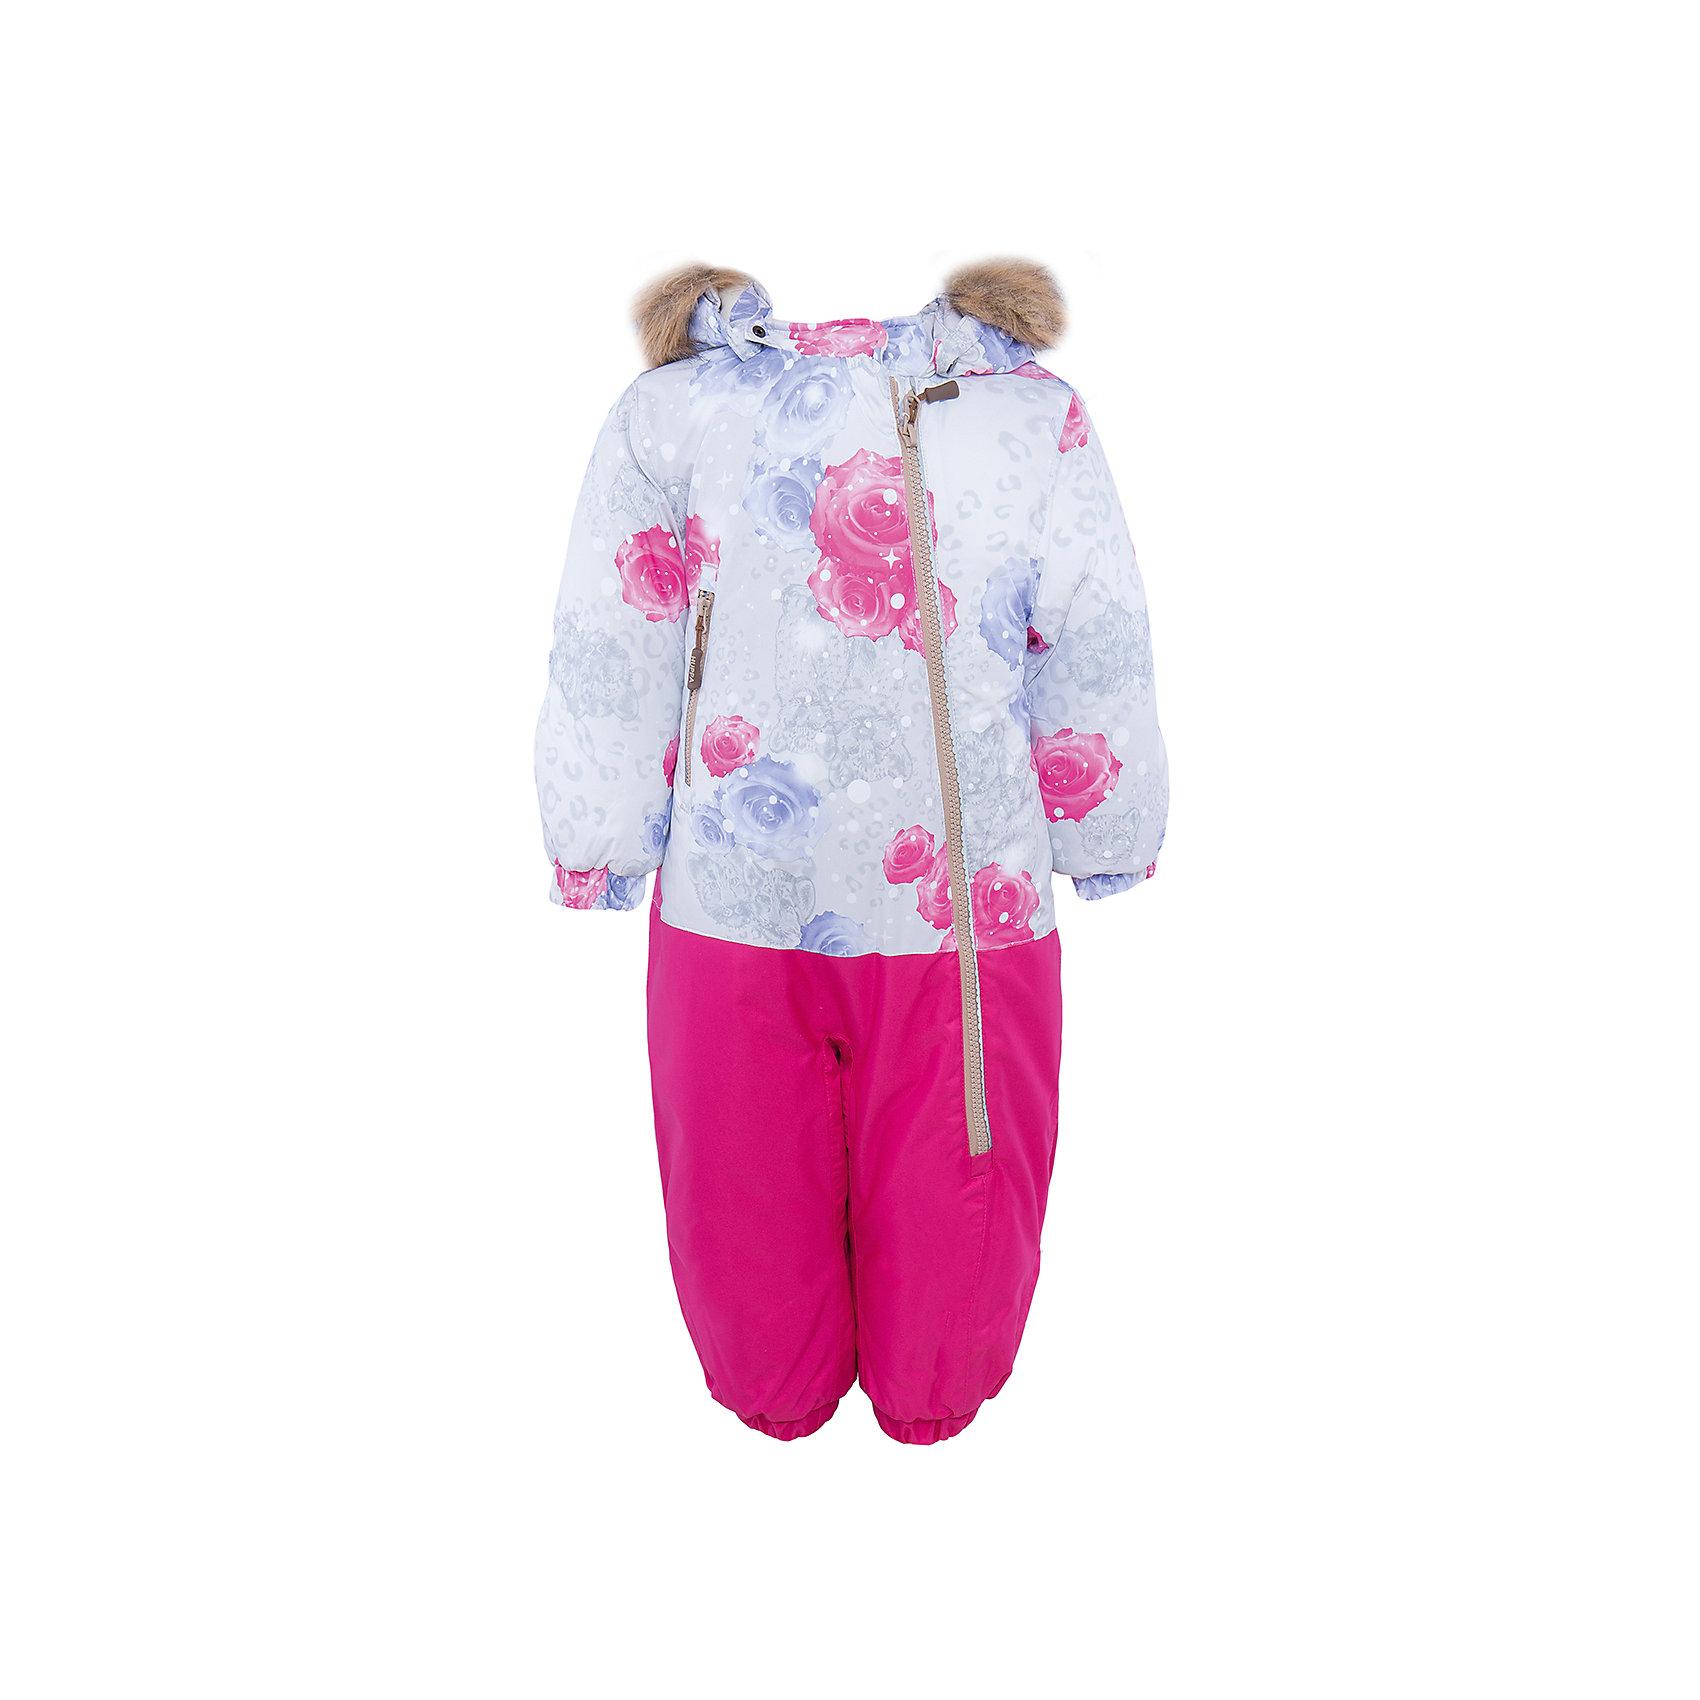 Комбинезон  для девочки HuppaВерхняя одежда<br>Теплый комбинезон DEVON Huppa(Хуппа).<br><br>Утеплитель: 100% полиэстер, 300 гр.<br><br>Температурный режим: до -30 градусов. Степень утепления – высокая. <br><br>* Температурный режим указан приблизительно — необходимо, прежде всего, ориентироваться на ощущения ребенка. Температурный режим работает в случае соблюдения правила многослойности – использования флисовой поддевы и термобелья.<br><br>Прекрасно подойдет для малышей, ведь он легко застегивается на длинную молнию по диагонали. Резинки на талии и манжетах не позволят снегу и ветру попасть под одежду. Комбинезон дополнен искусственным мехом на капюшоне в форме ушек. Яркая расцветка непременно понравится непоседе!<br><br>Особенности: <br>-мягкая подкладка <br>-съемный капюшон с отстегивающимся мехом <br>-карман с лентой для соски <br>-резинка для обуви <br>-водоотталкивающие дышащие материалы <br>-утеплитель HuppaTherm, неприхотлив в уходе <br>-швы проклеены водостойкой лентой<br>-светоотражающие элементы<br>-манжеты с отворотом у размеров 62-80<br><br><br>Дополнительная информация: <br>Материал: 100% полиэстер <br>Подкладка: фланель - 100% хлопок <br>Цвет: фуксия/серый<br><br>Вы можете приобрести комбинезон DEVON Huppa(Хуппа) в нашем интернет-магазине.<br><br>Ширина мм: 356<br>Глубина мм: 10<br>Высота мм: 245<br>Вес г: 519<br>Цвет: белый<br>Возраст от месяцев: 3<br>Возраст до месяцев: 6<br>Пол: Женский<br>Возраст: Детский<br>Размер: 68,98,74,80,86,92<br>SKU: 4928646